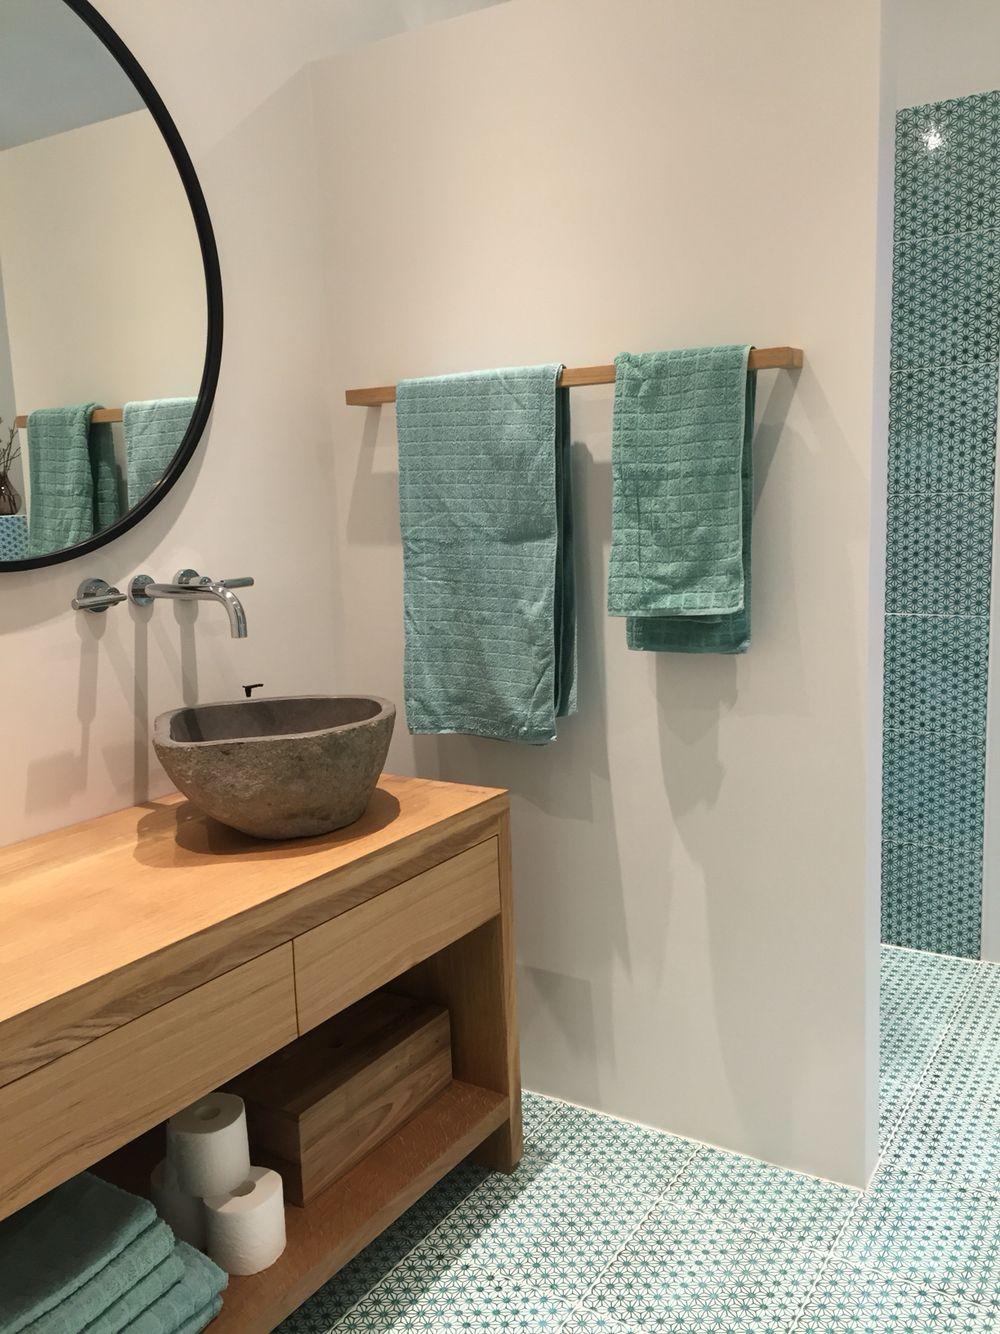 Wunderbar Bad, Snedkerbord Og Håndklædeholder Af Egetræ Laver Af Jørgen Sørensen I  Viborg. Fliser Fra